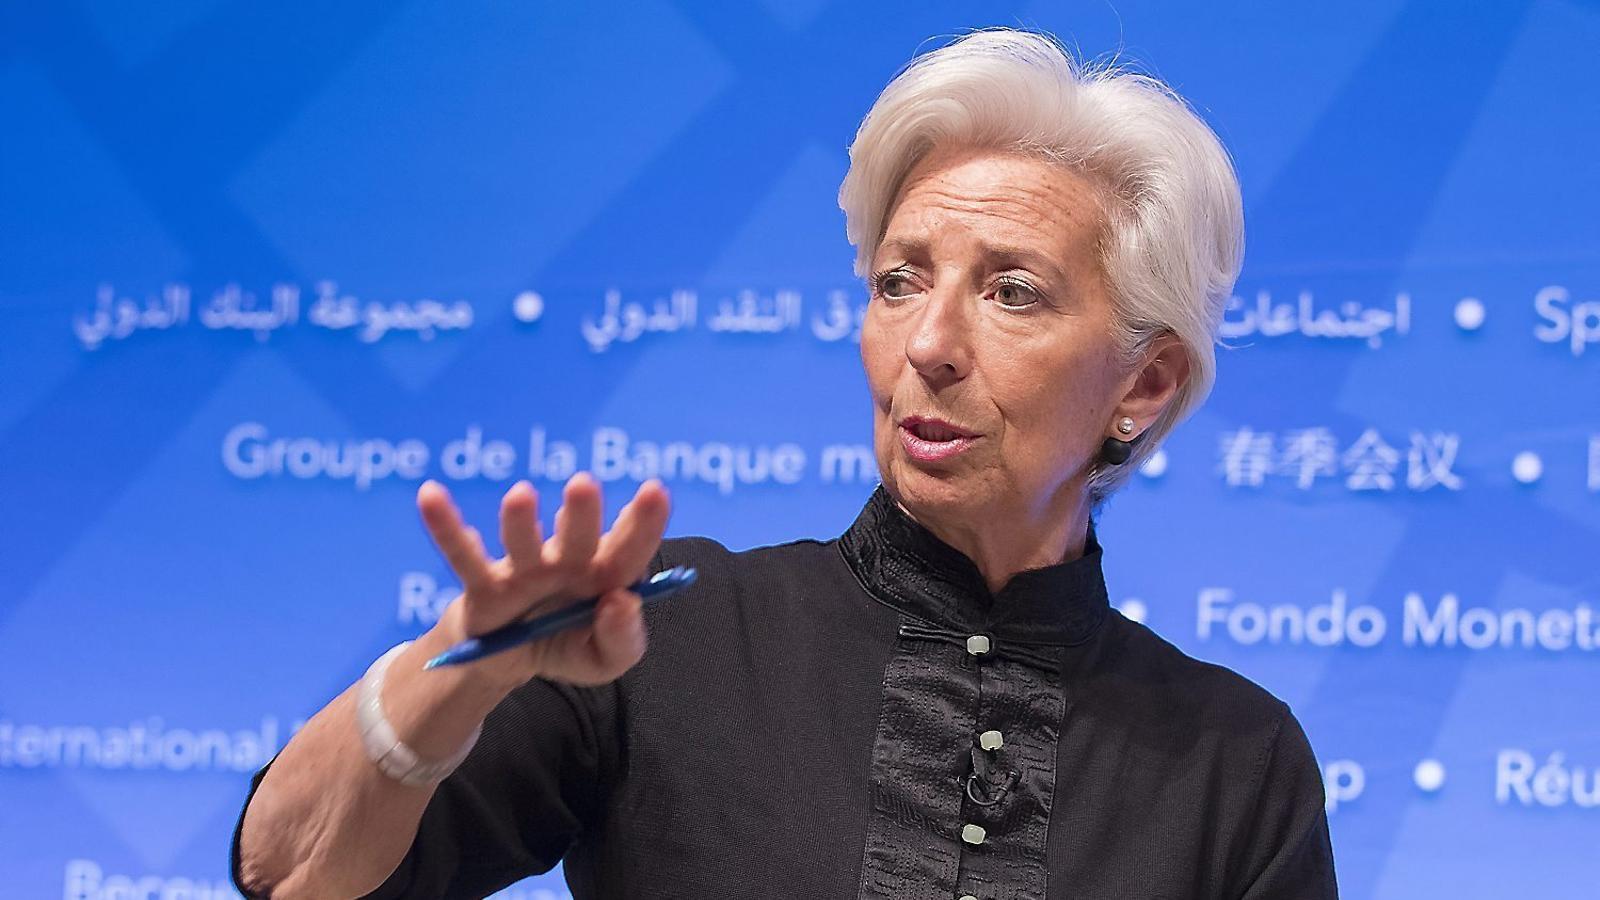 L'FMI reclama als països que obrin les portes als migrants i que augmentin els impostos als grans patrimonis